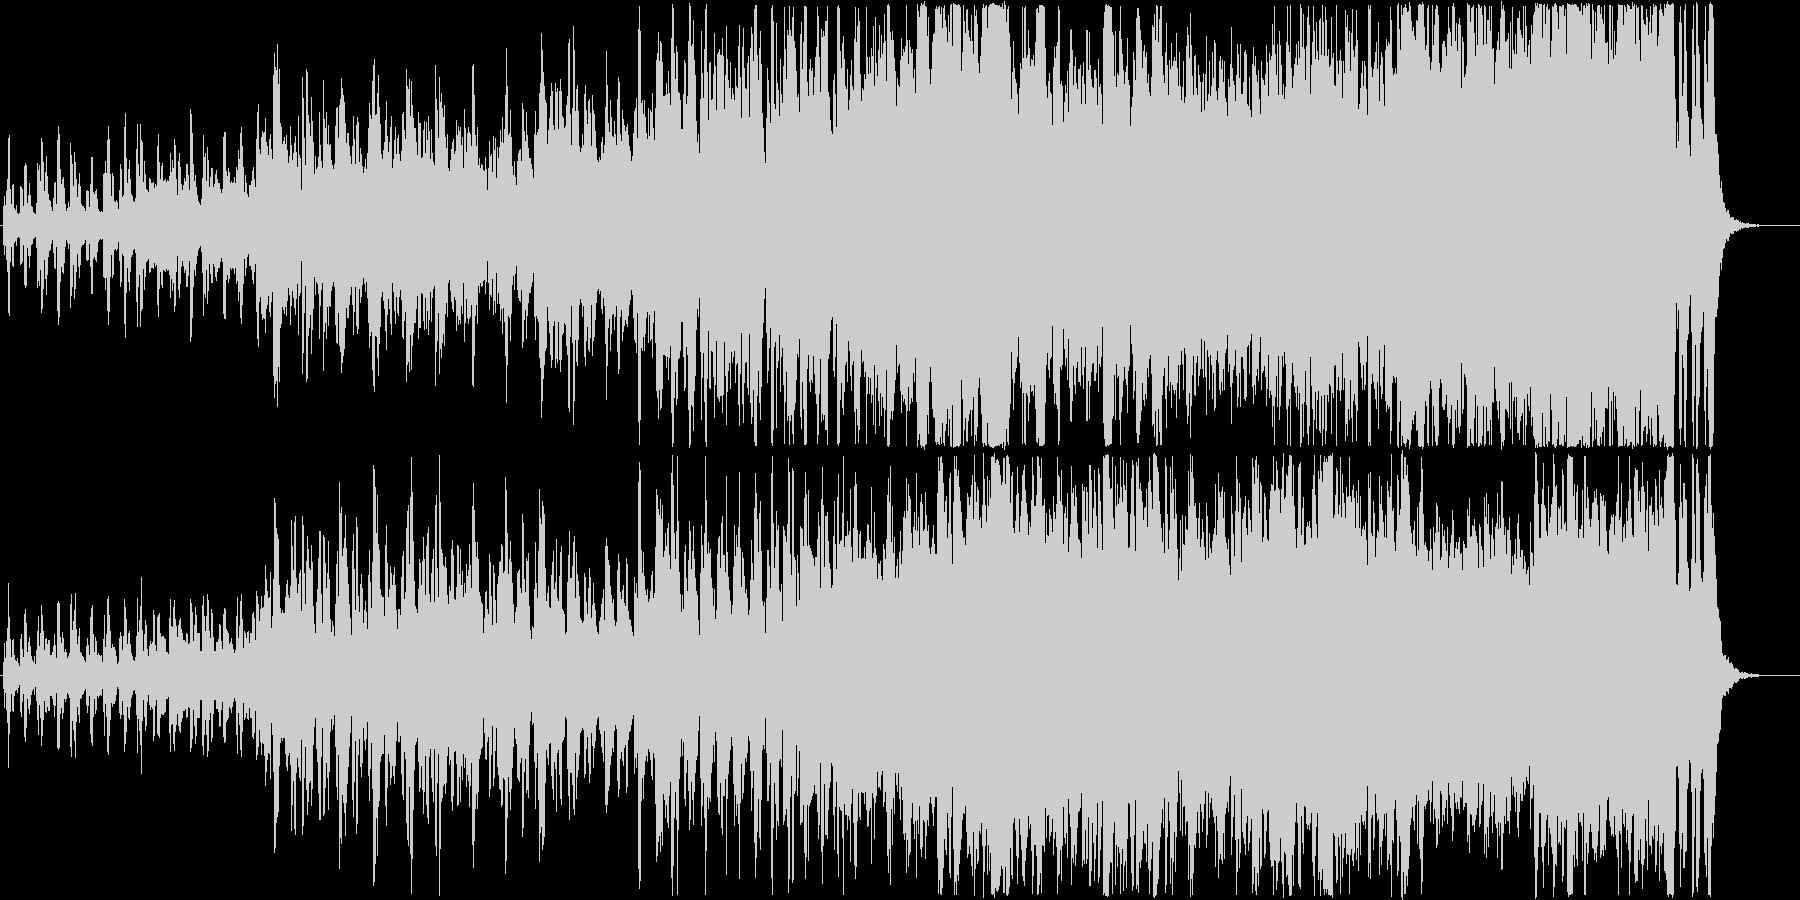 前向きで感動的なオーケストラ曲の未再生の波形